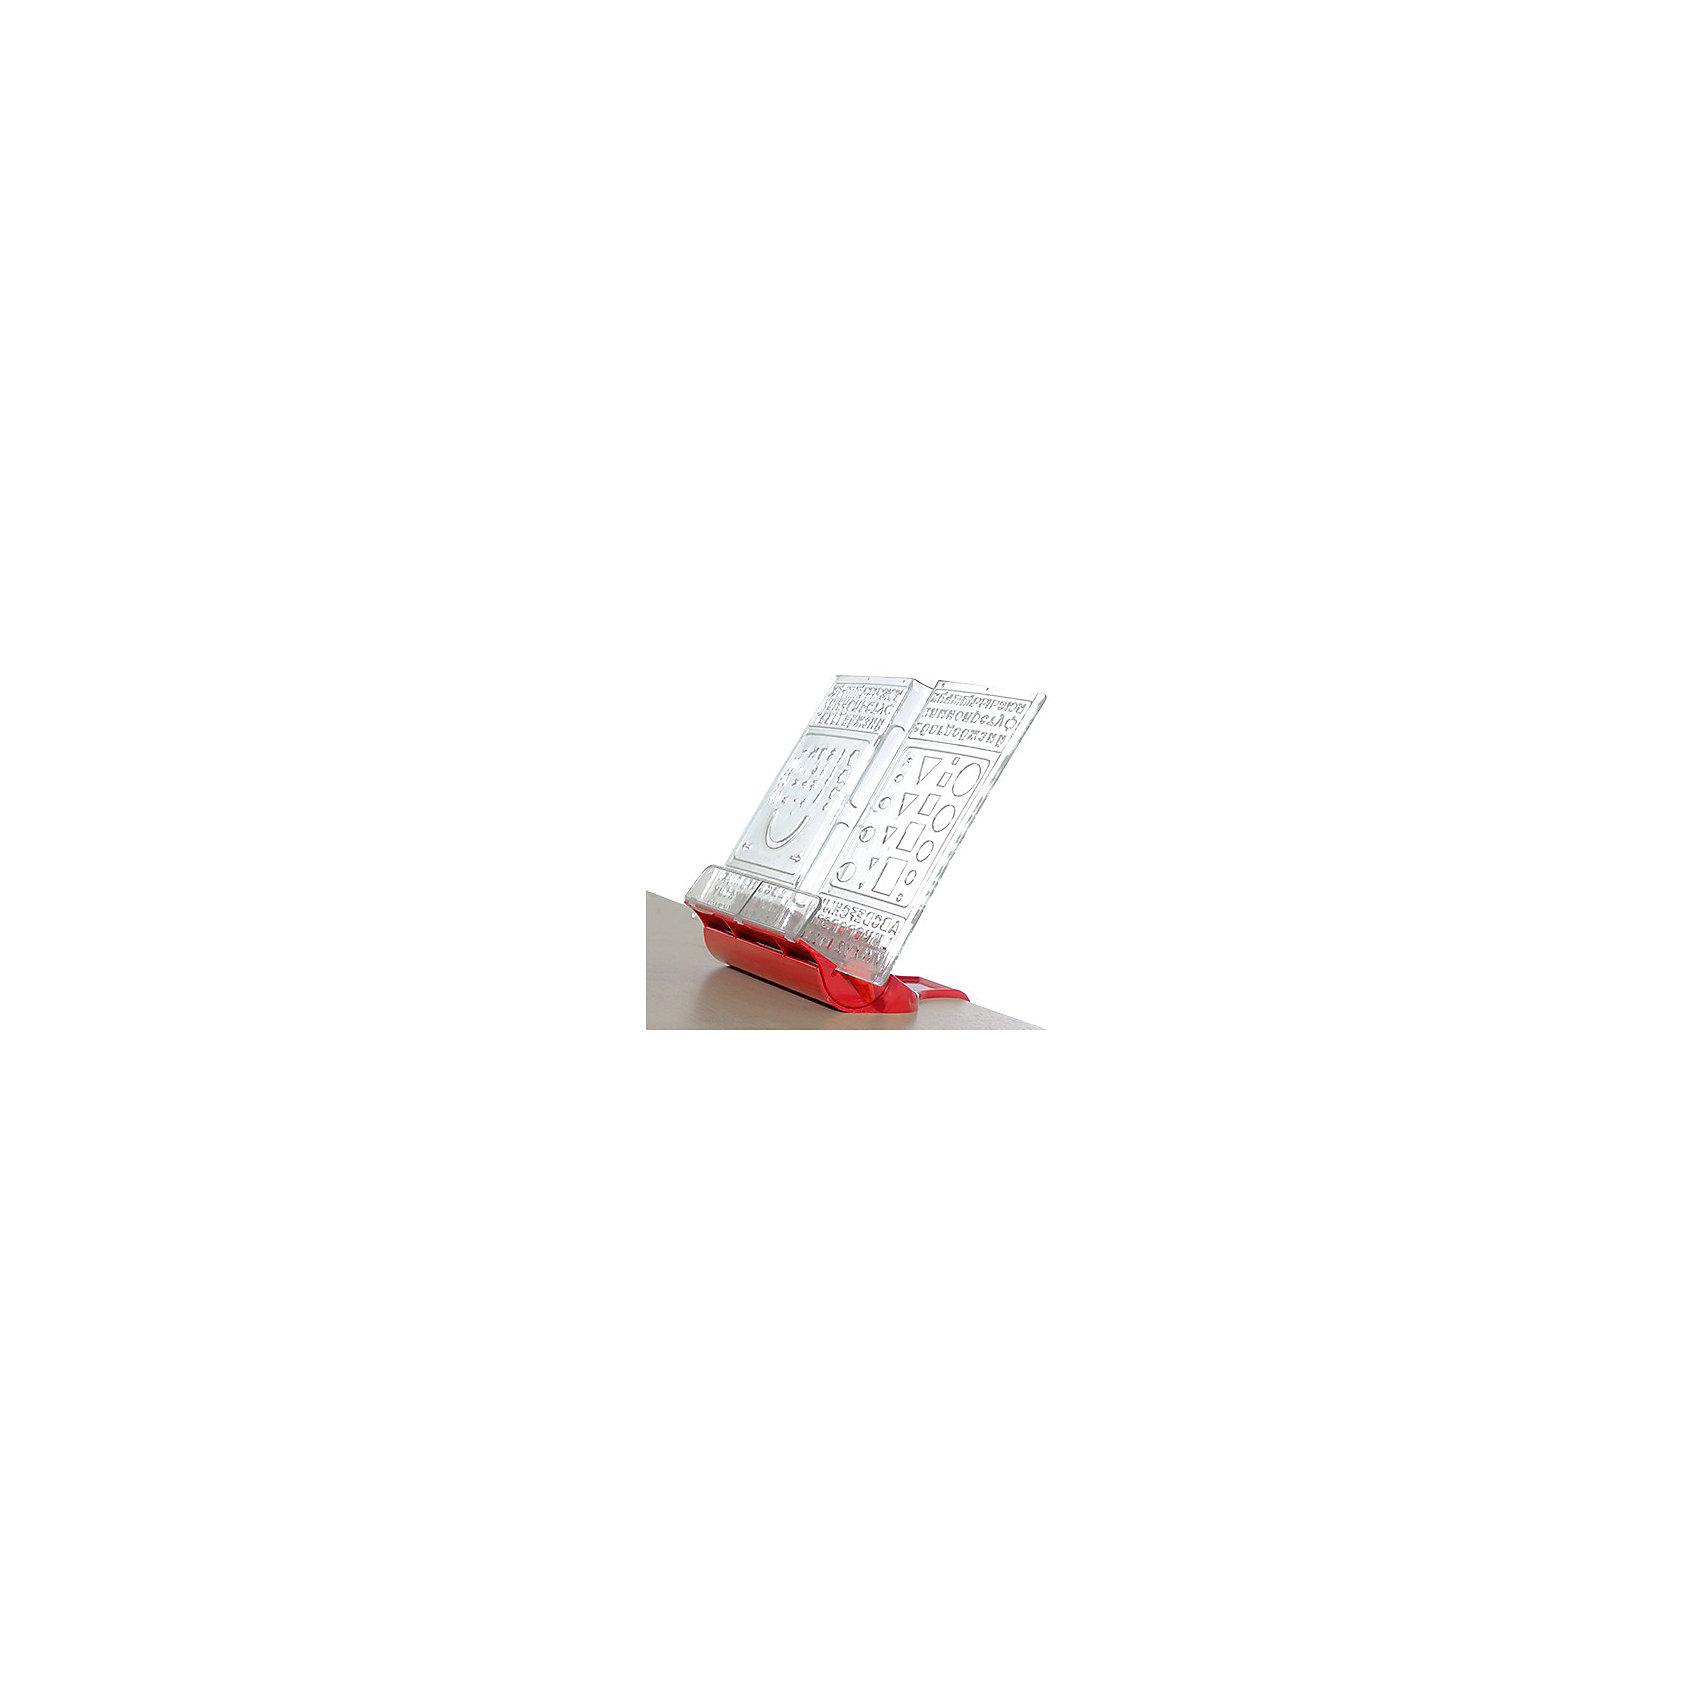 Подставка-трафарет для книг ПДК.01, Дэми, красный